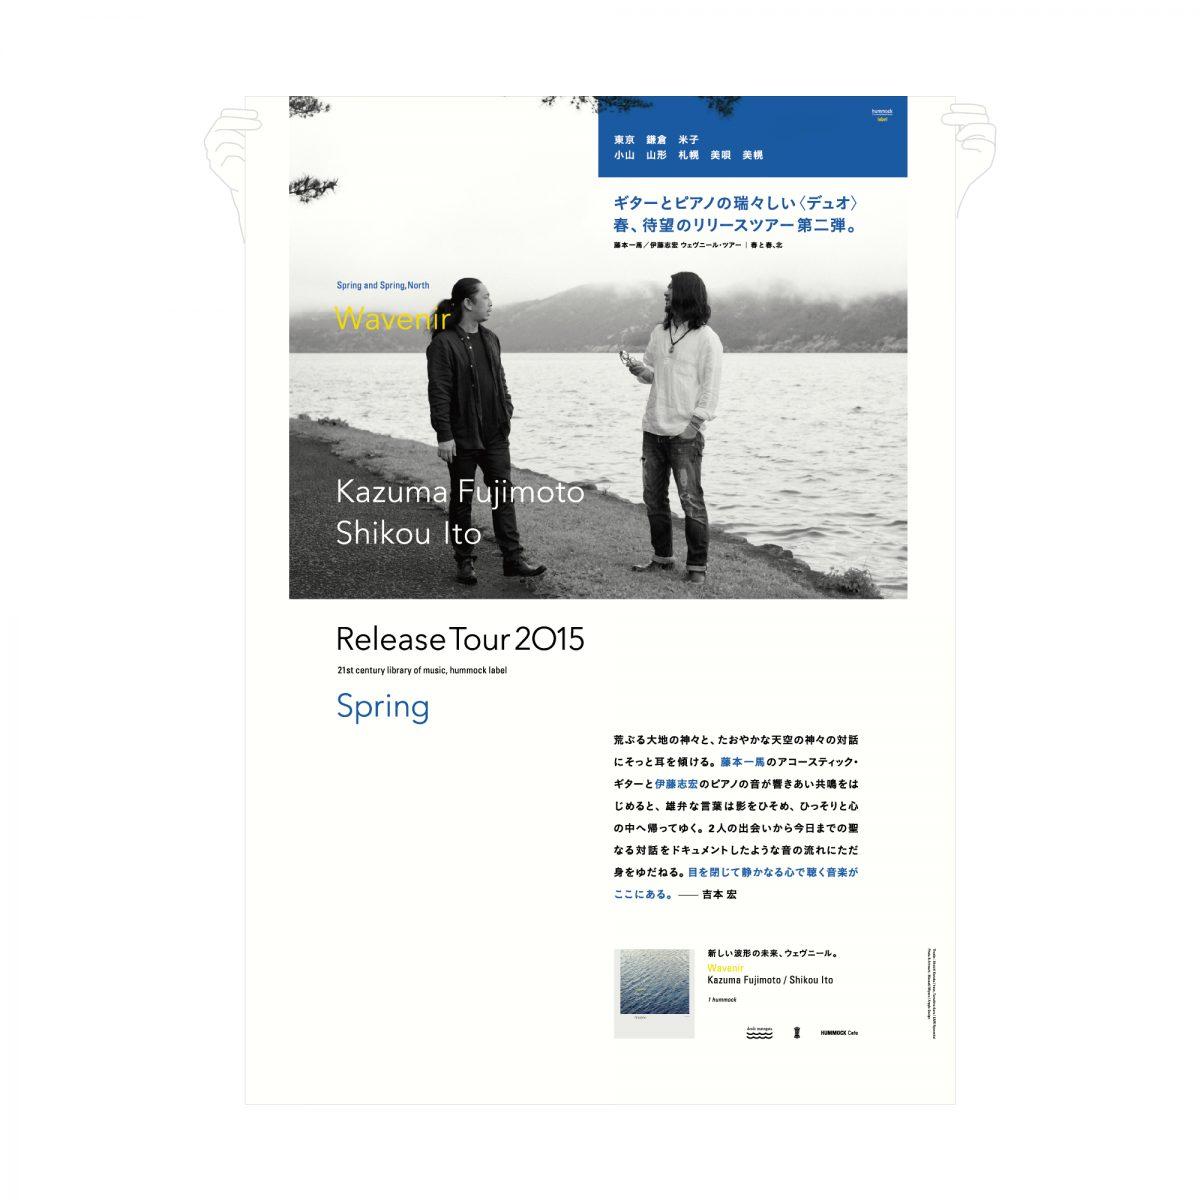 Hummock Label|藤本一馬 伊藤志宏 ウェヴニール・ツアー 2015「春 と 春、北」|パンフレット ポスター グラフィックデザイン